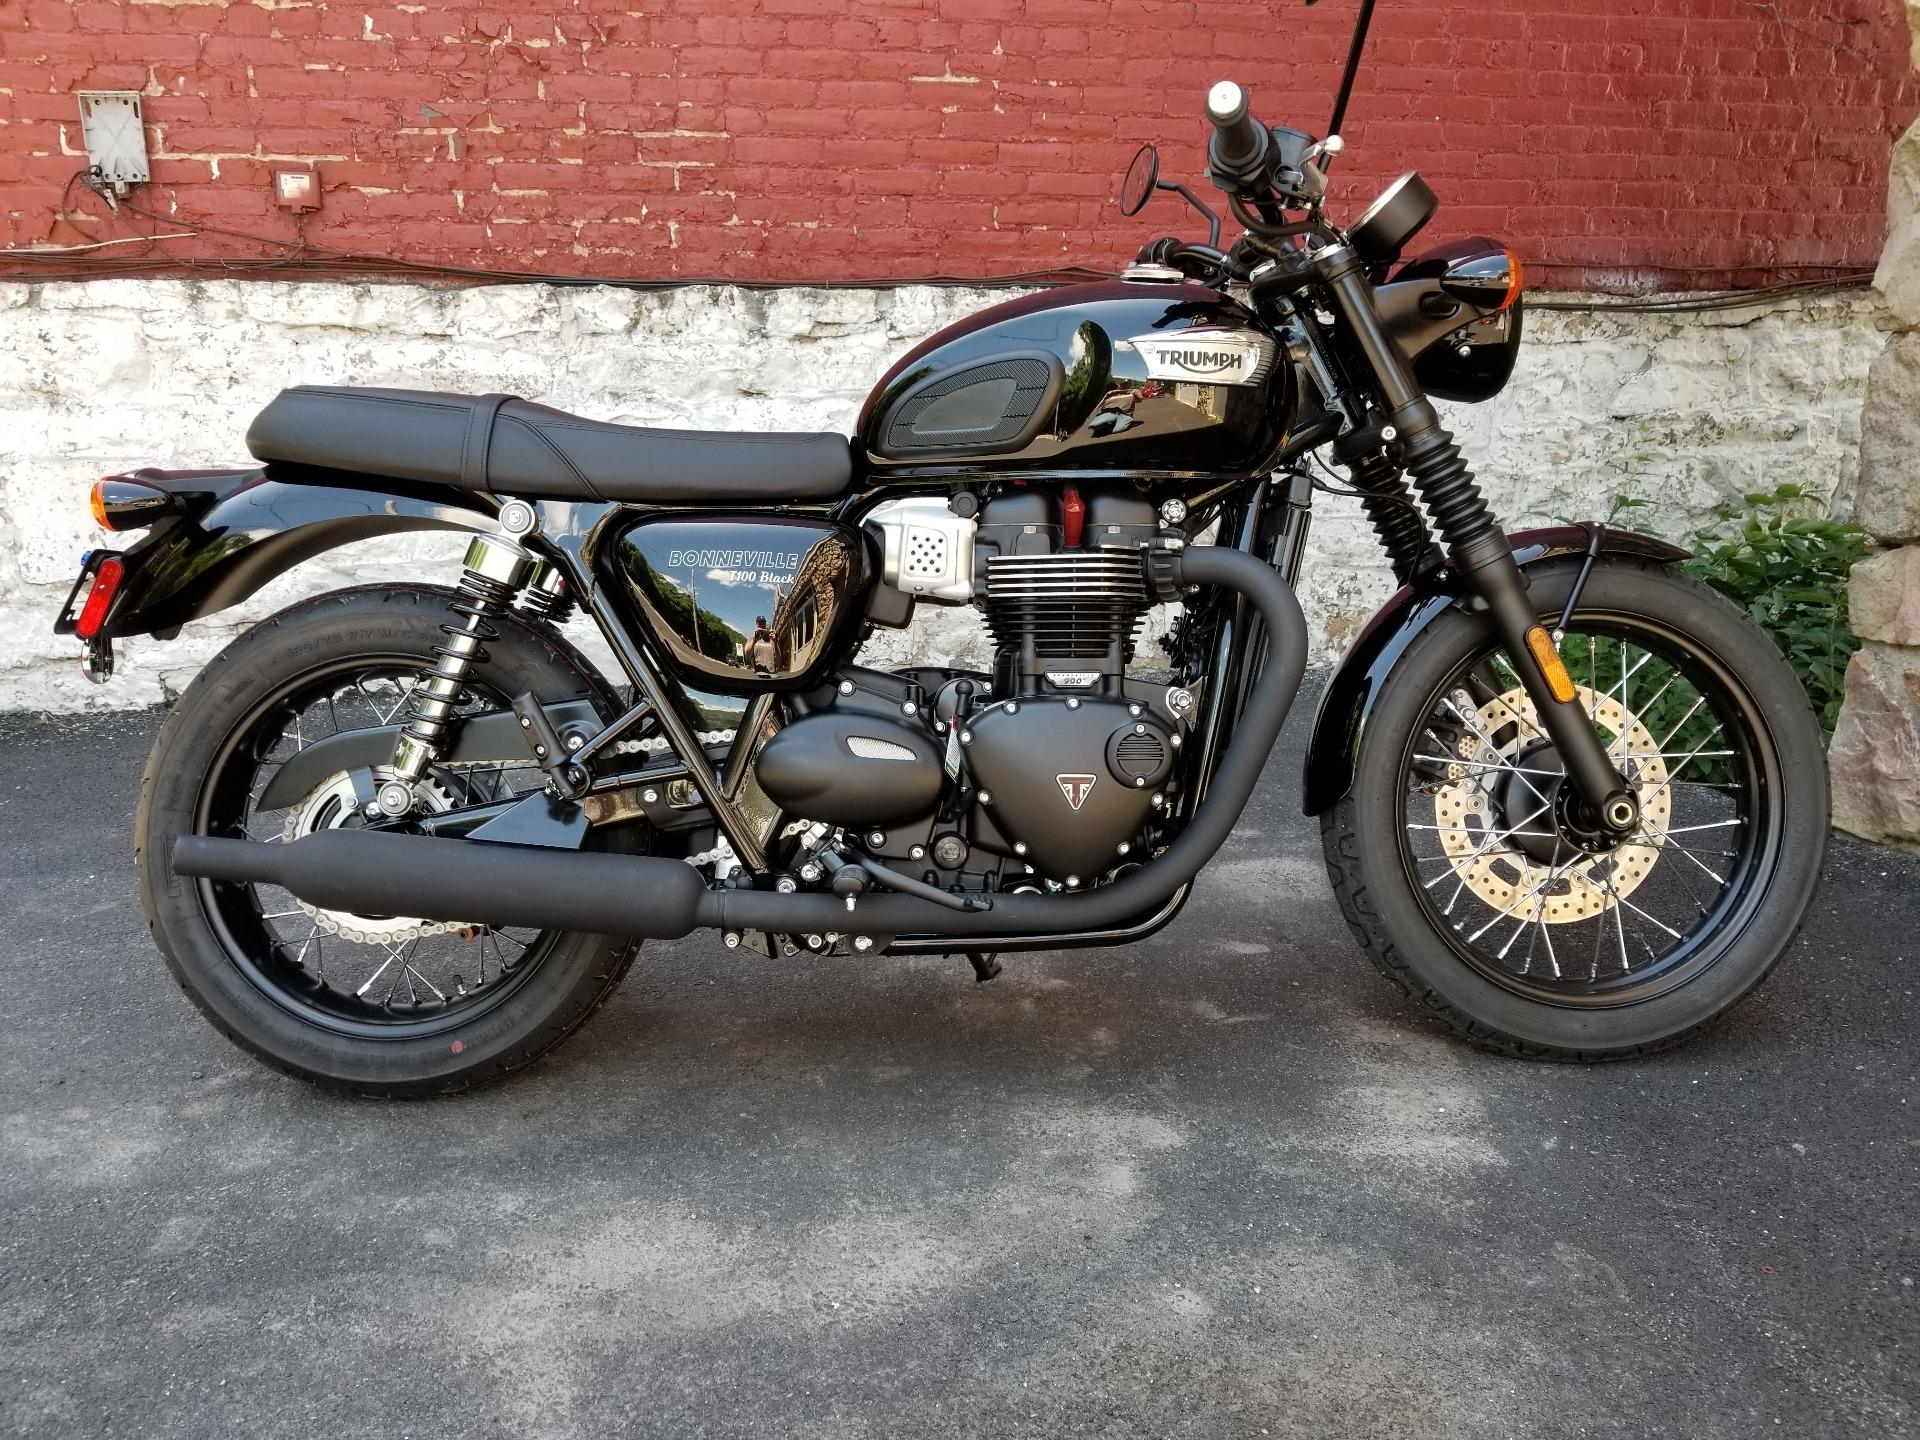 2017 Triumph Bonneville T100 Black Motorcycles Port Clinton Pennsylvania